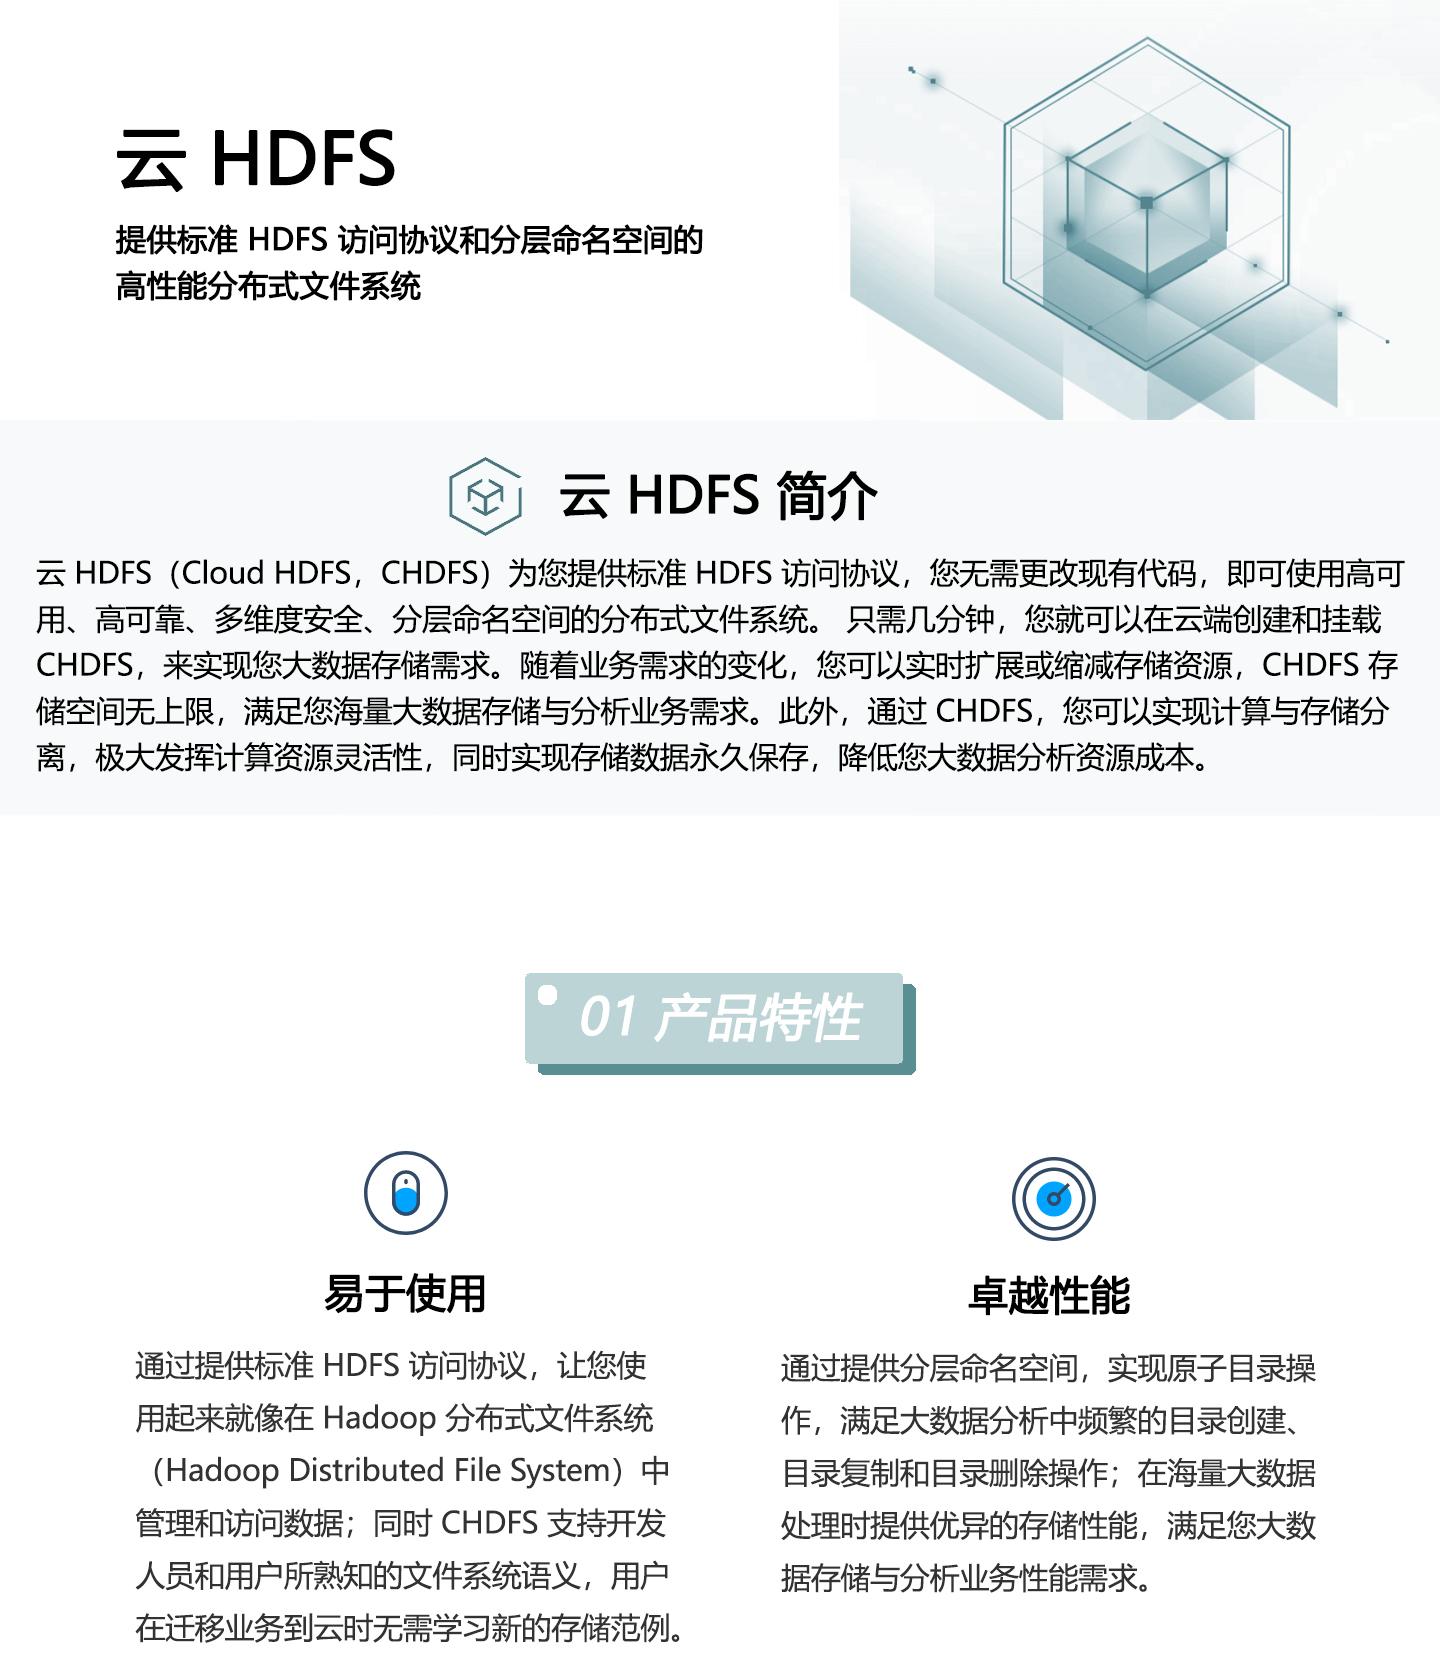 云-HDFS-1440_01.jpg